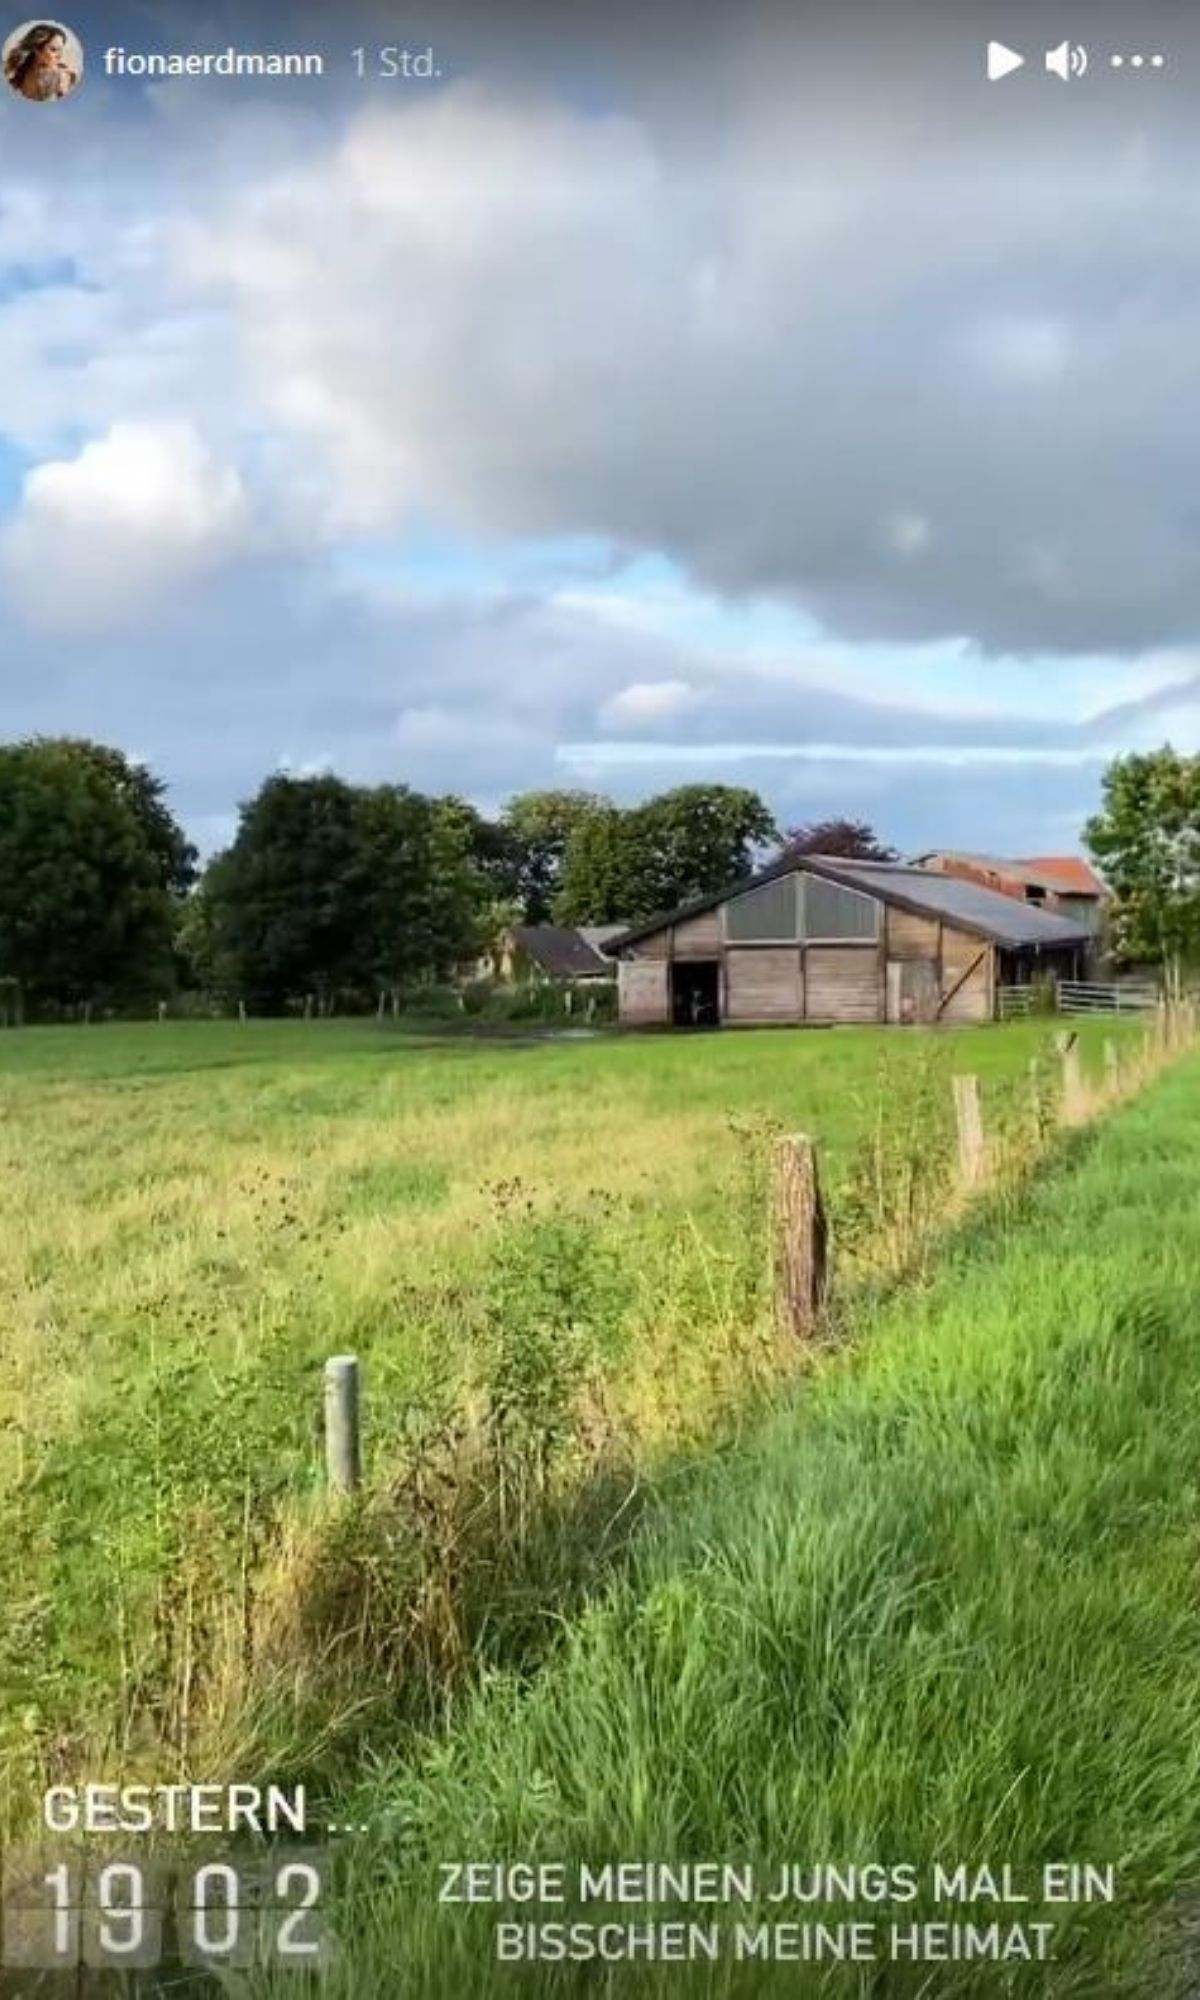 """Fiona Erdmann: Spendensammeln in der Heimat """" class=""""size-full wp-image-947314"""